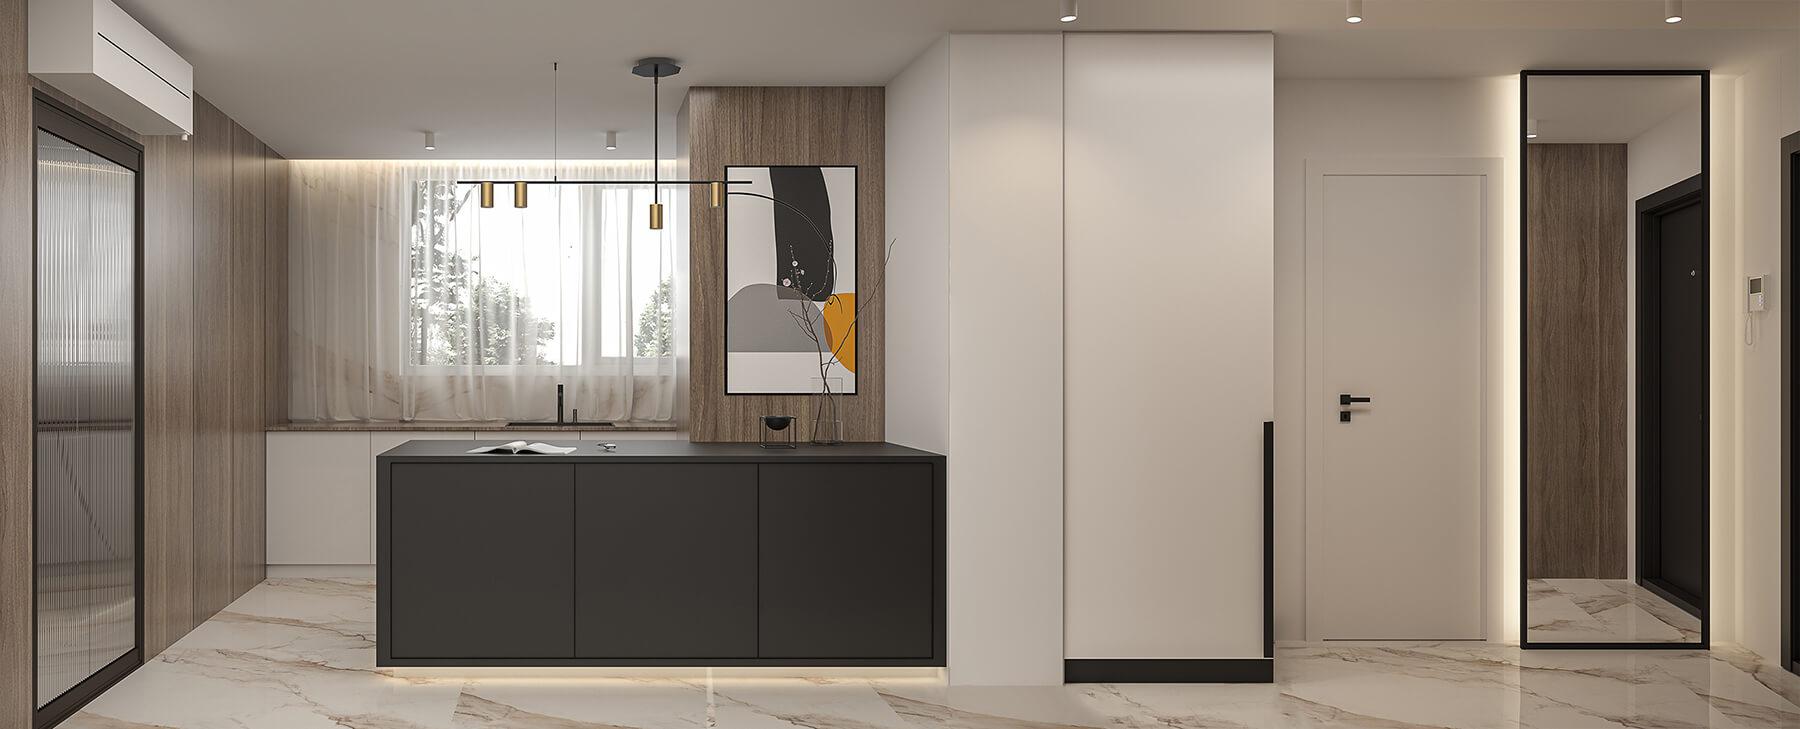 interioren-dizain-proekt-na-kuhnia-v-moderen-stil-nox-4